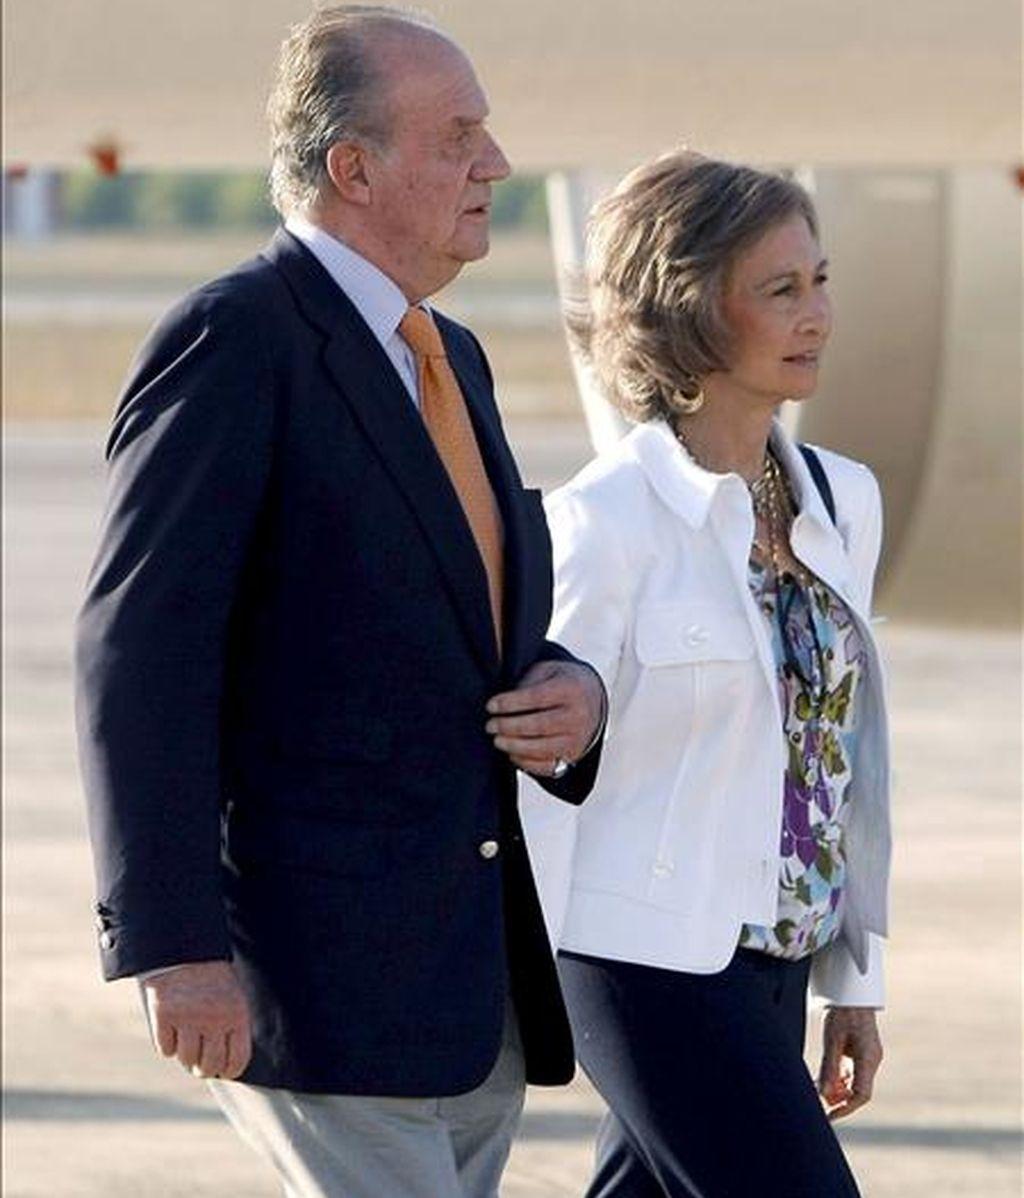 El Rey Juan Carlos y la Reina Sofía a su llegada, el pasado año, a la base aérea de Sont Sant Joan, en la isla de Mallorca,  donde la Casa Real traslada su residencia en agosto. EFE/Archivo